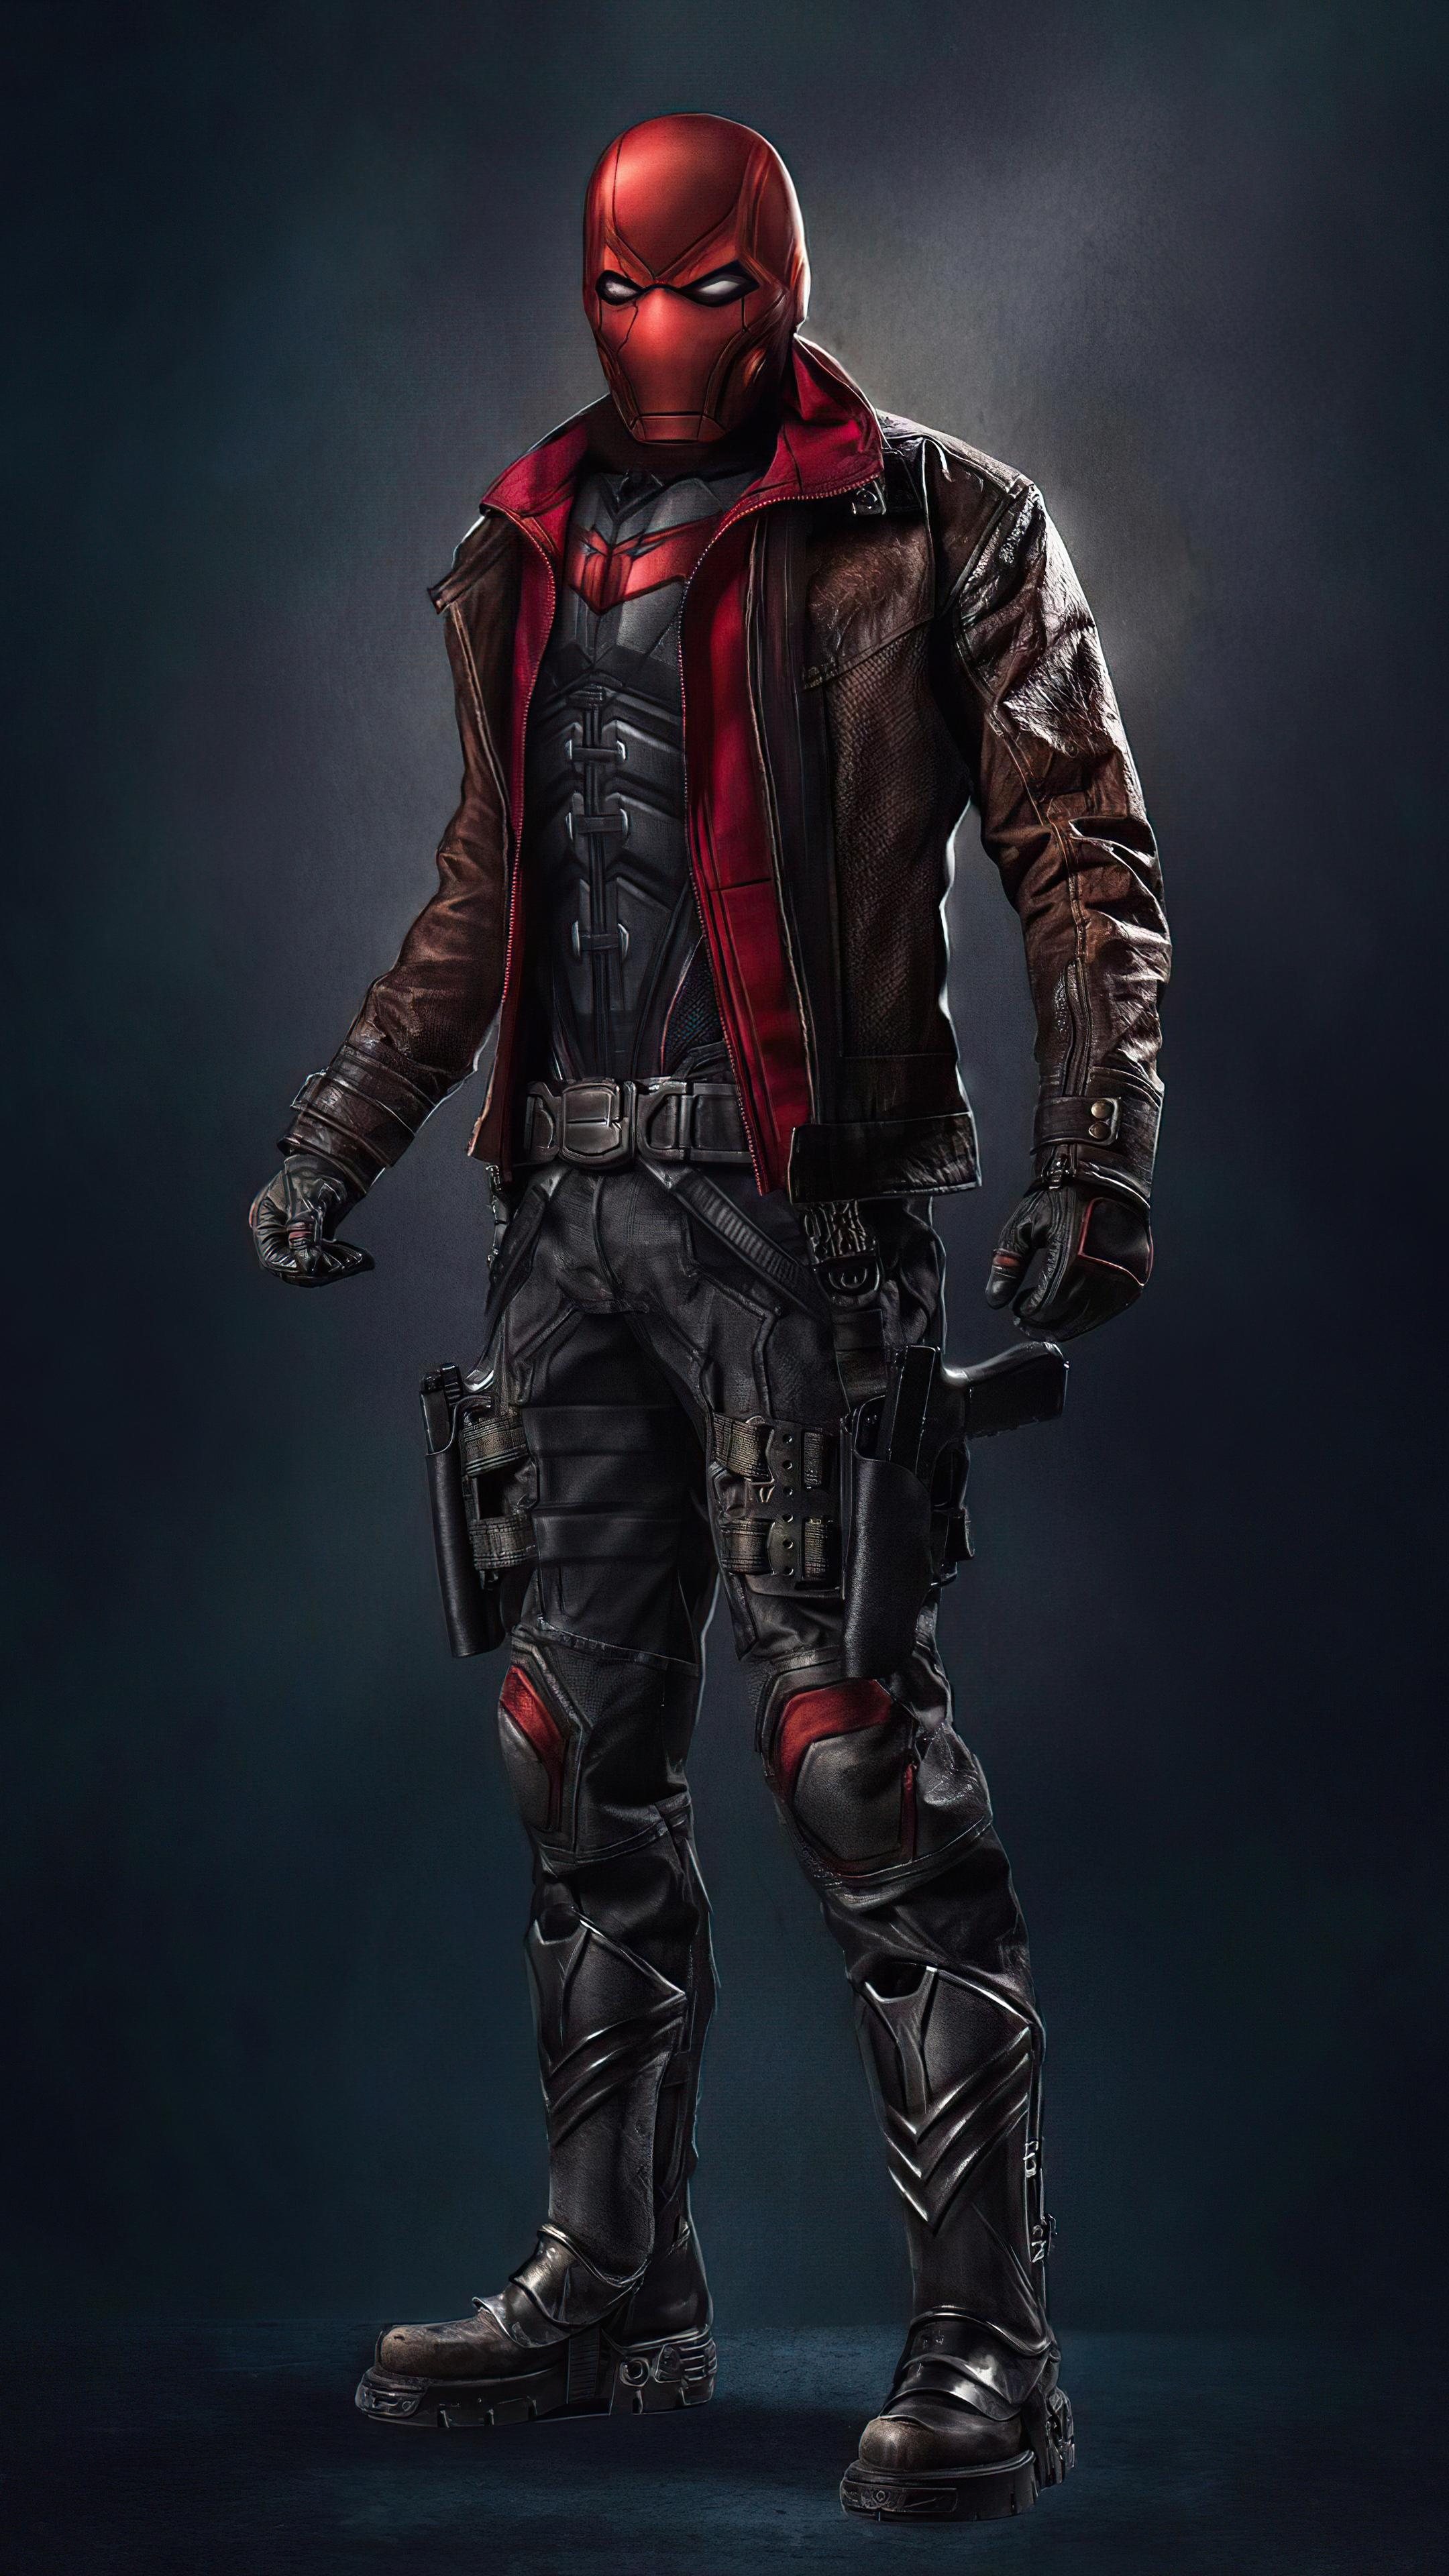 red-hood-in-mask-4k-03.jpg